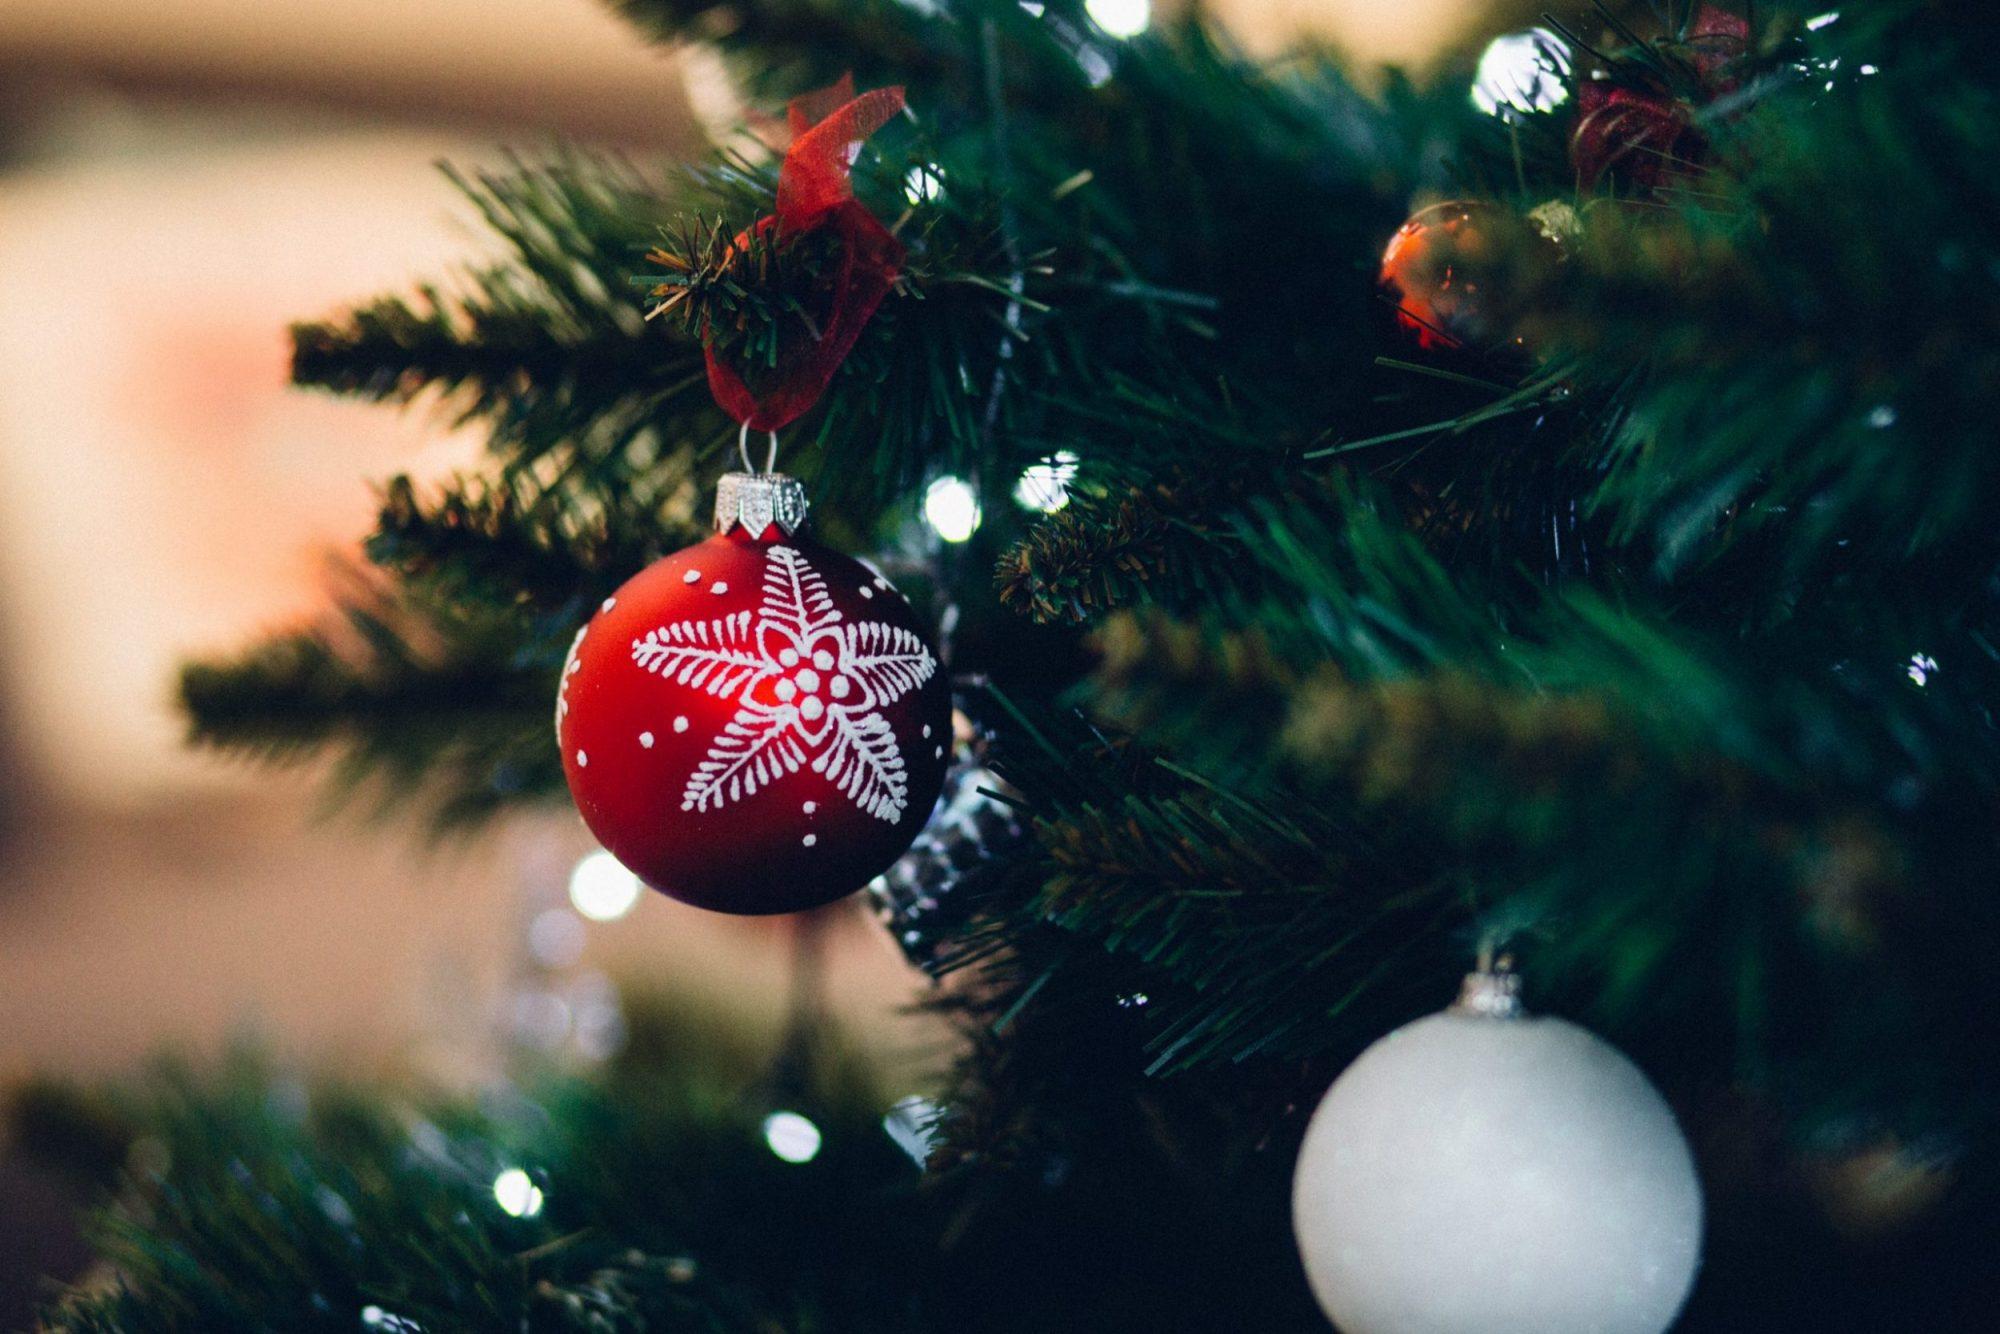 Hyvää joulua ja onnea vuodelle 2021!